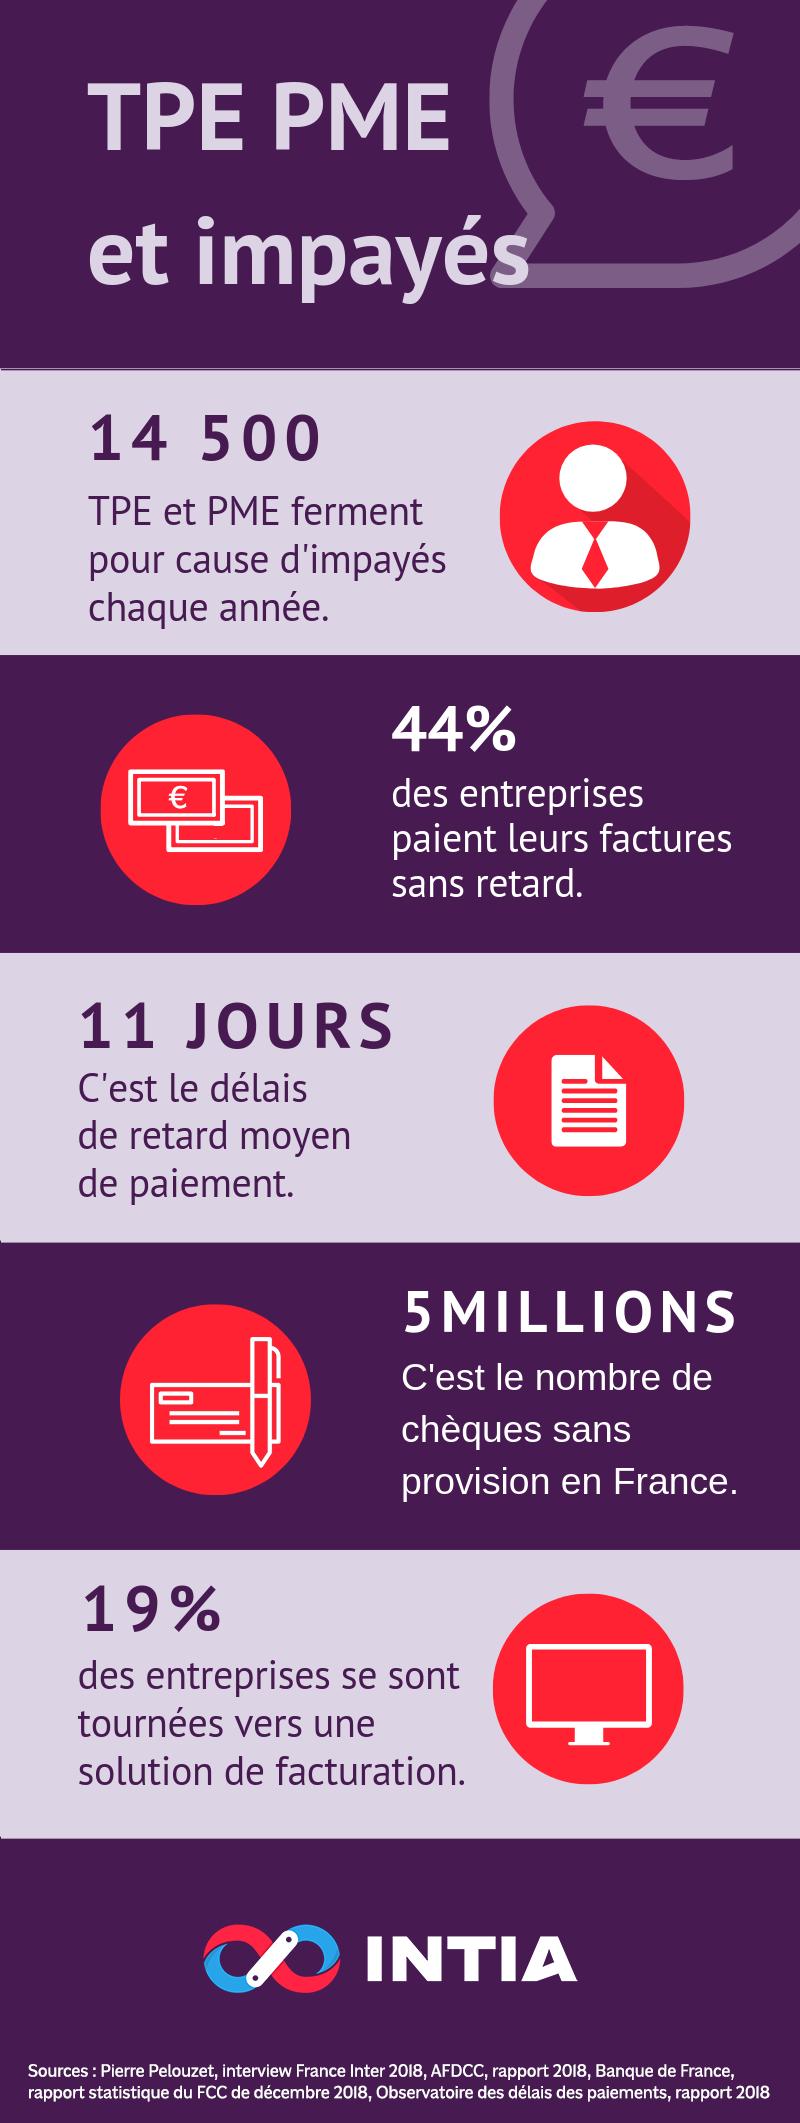 infographie, liste des impayés 2018 chez les TPE et PME